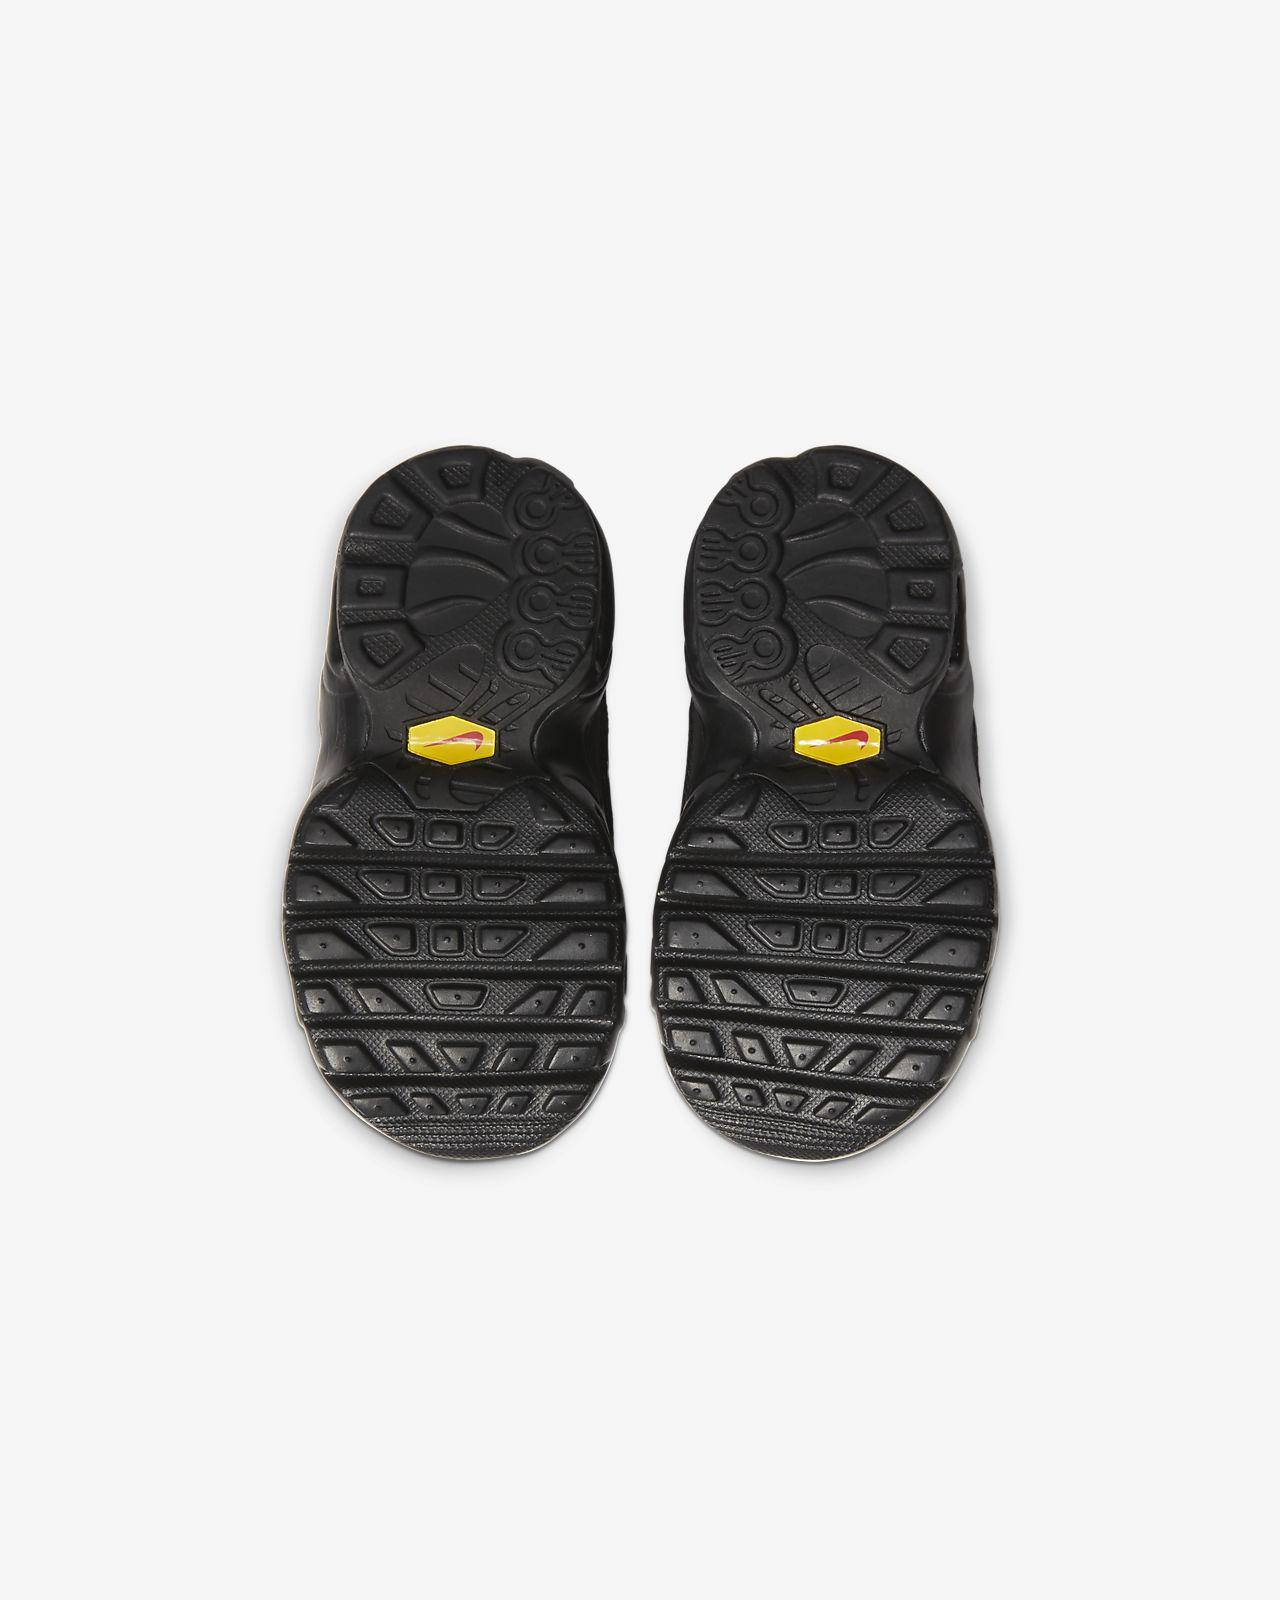 Nike Air Max Plus Schoen voor baby'speuters